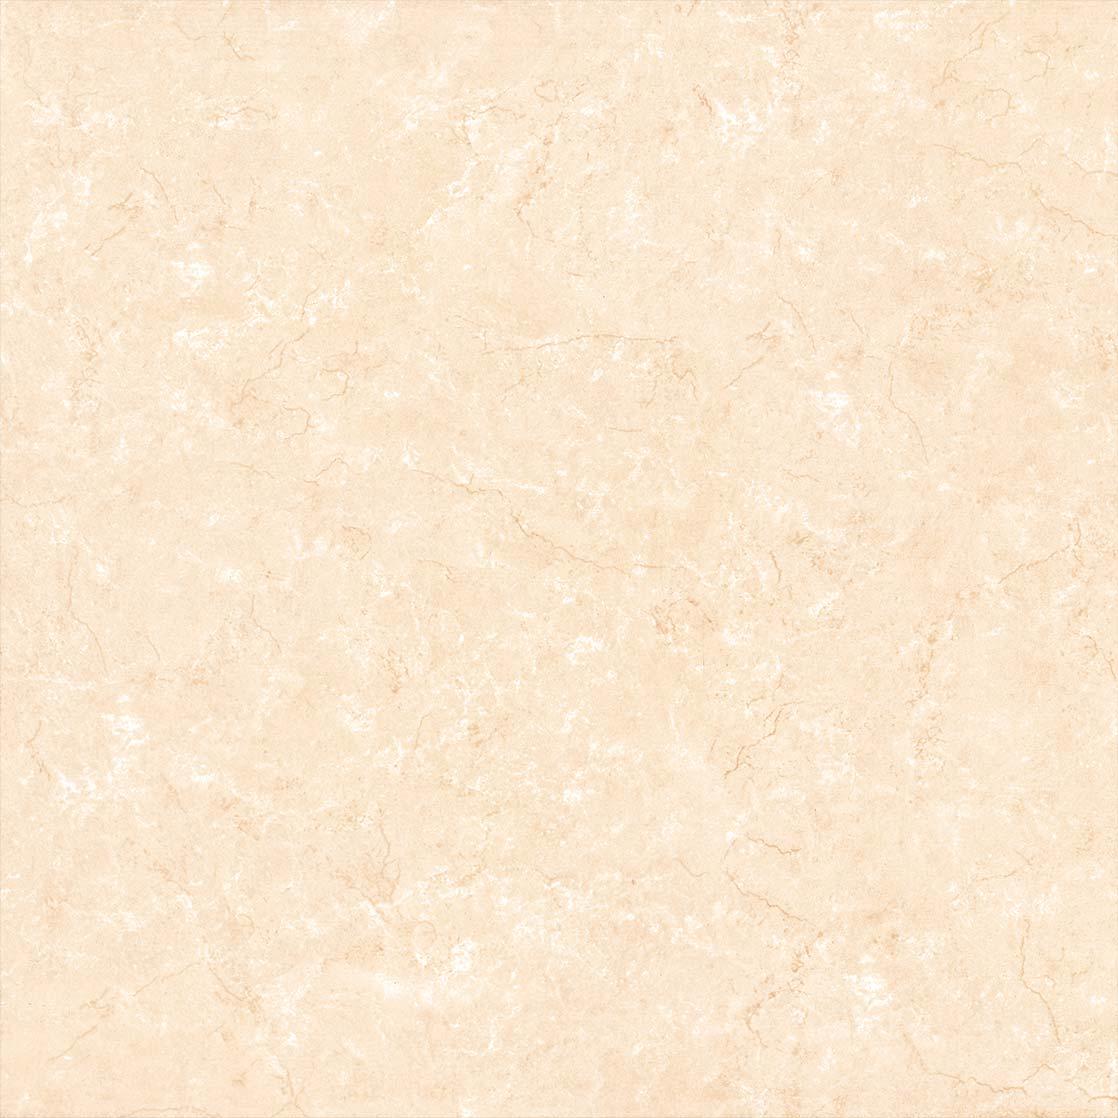 Gạch lát nền 500x500 Viglacera KM523 giá rẻ